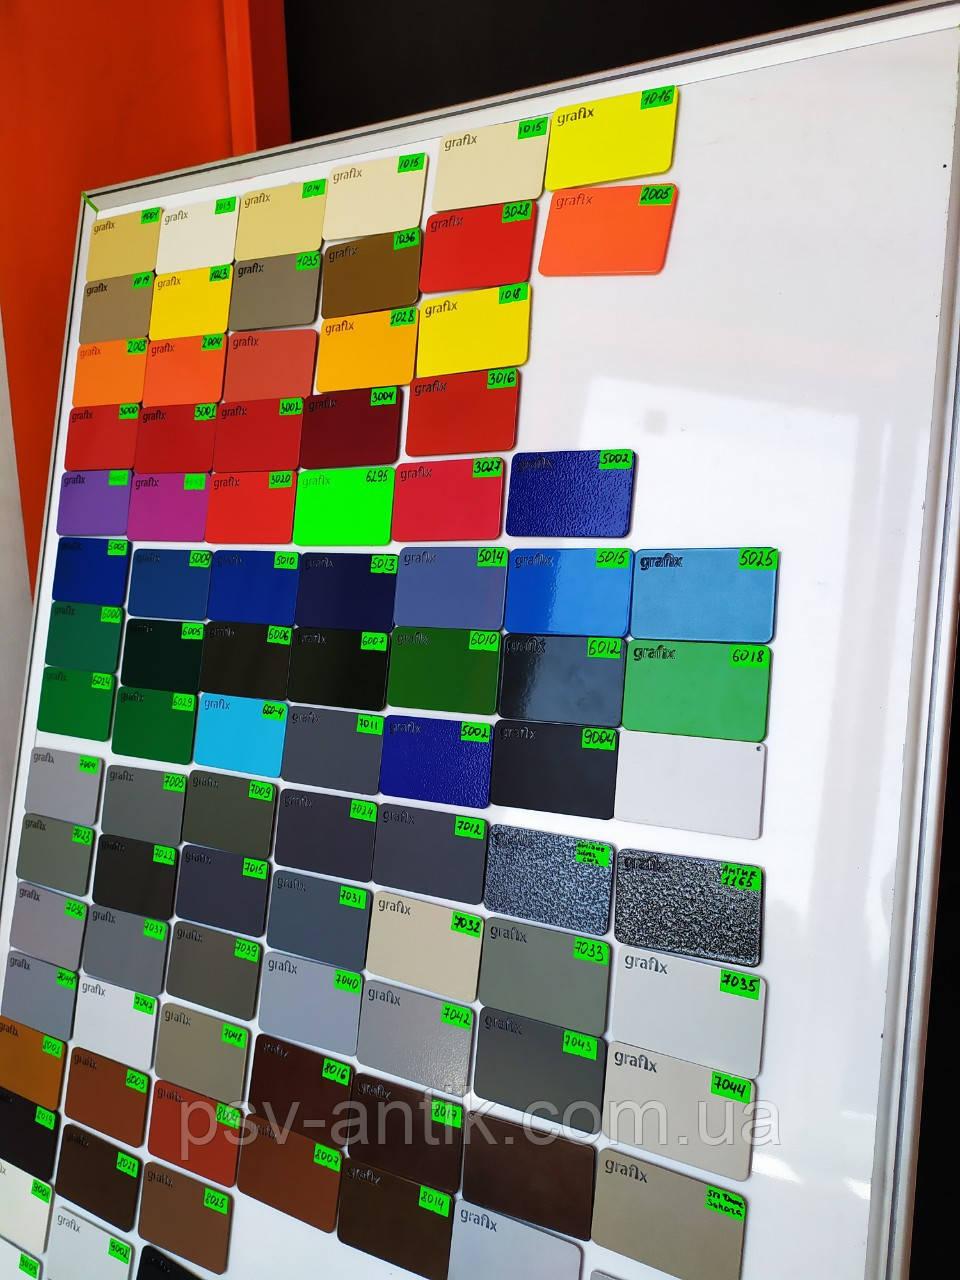 Порошковая краска матовая, полиэфирная, архитектурная, 8016